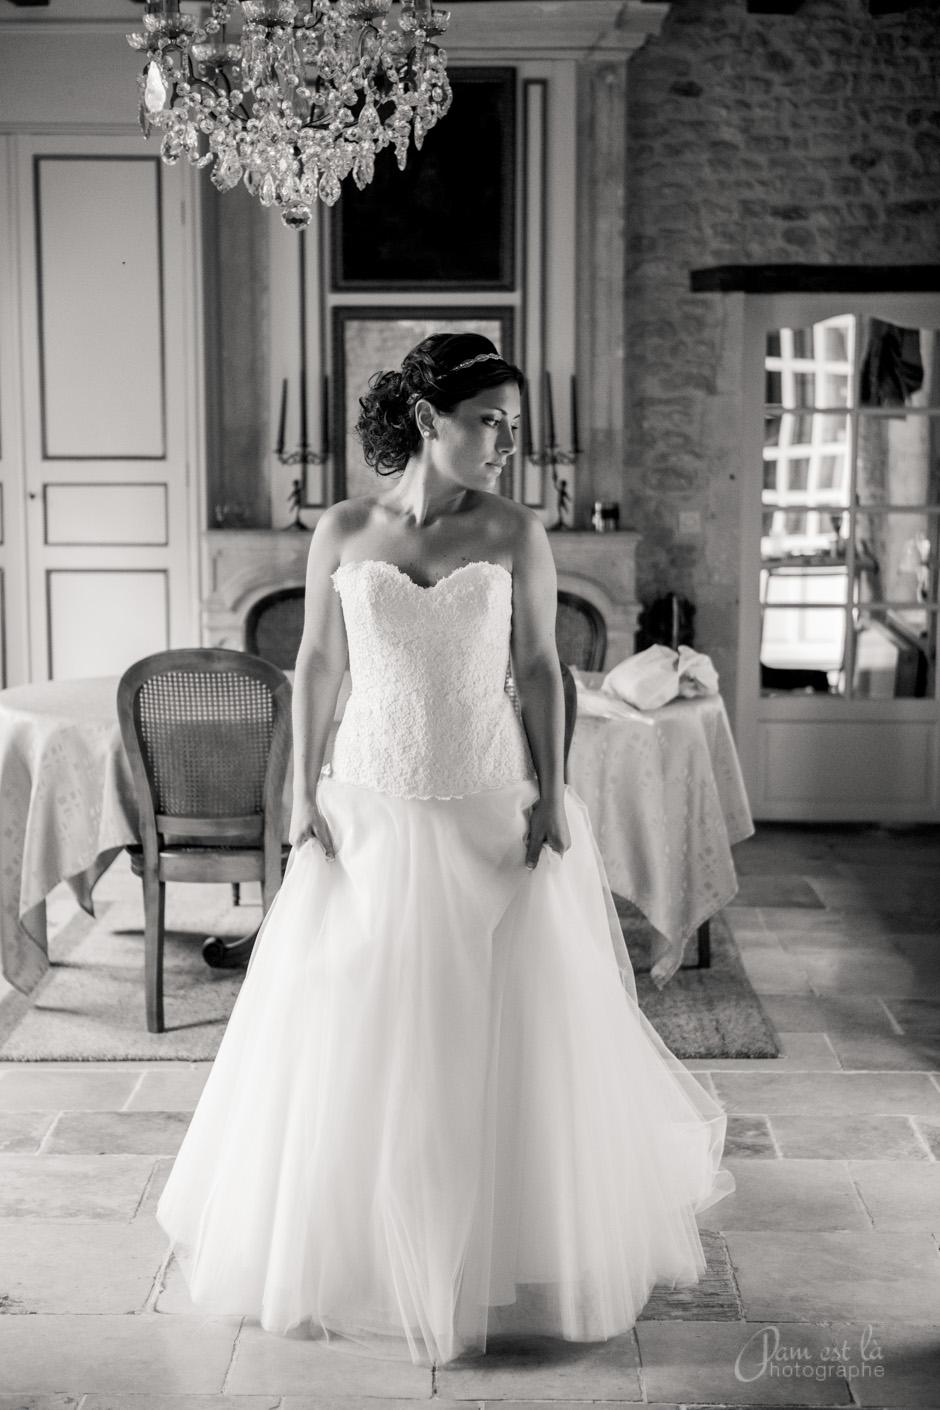 photographe-mariage-paris-normandie-285